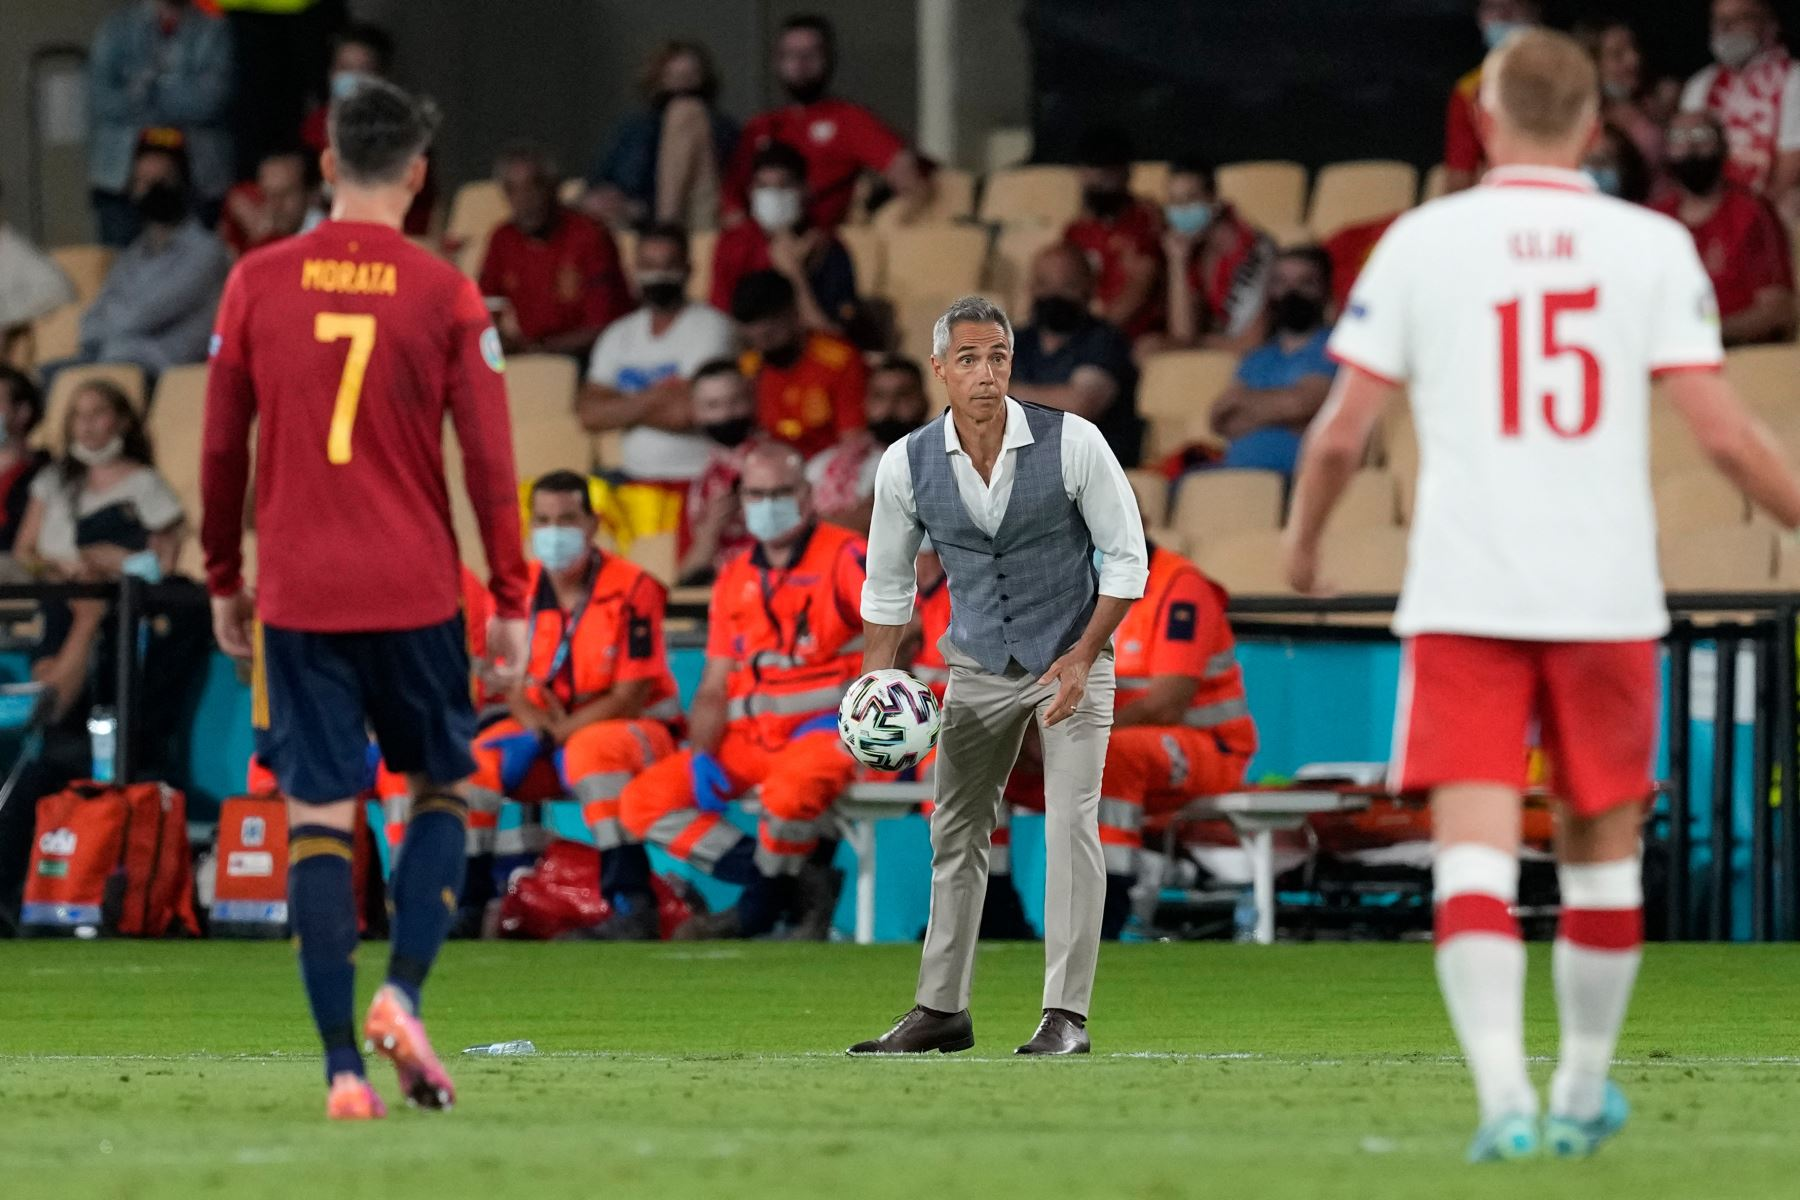 El entrenador portugués de Polonia Paulo Sousa (C) se prepara para pasar el balón a los jugadores durante el partido de fútbol del Grupo E de la UEFA EURO 2020 entre España y Polonia en el Estadio La Cartuja en Sevilla, España. Foto: AFP